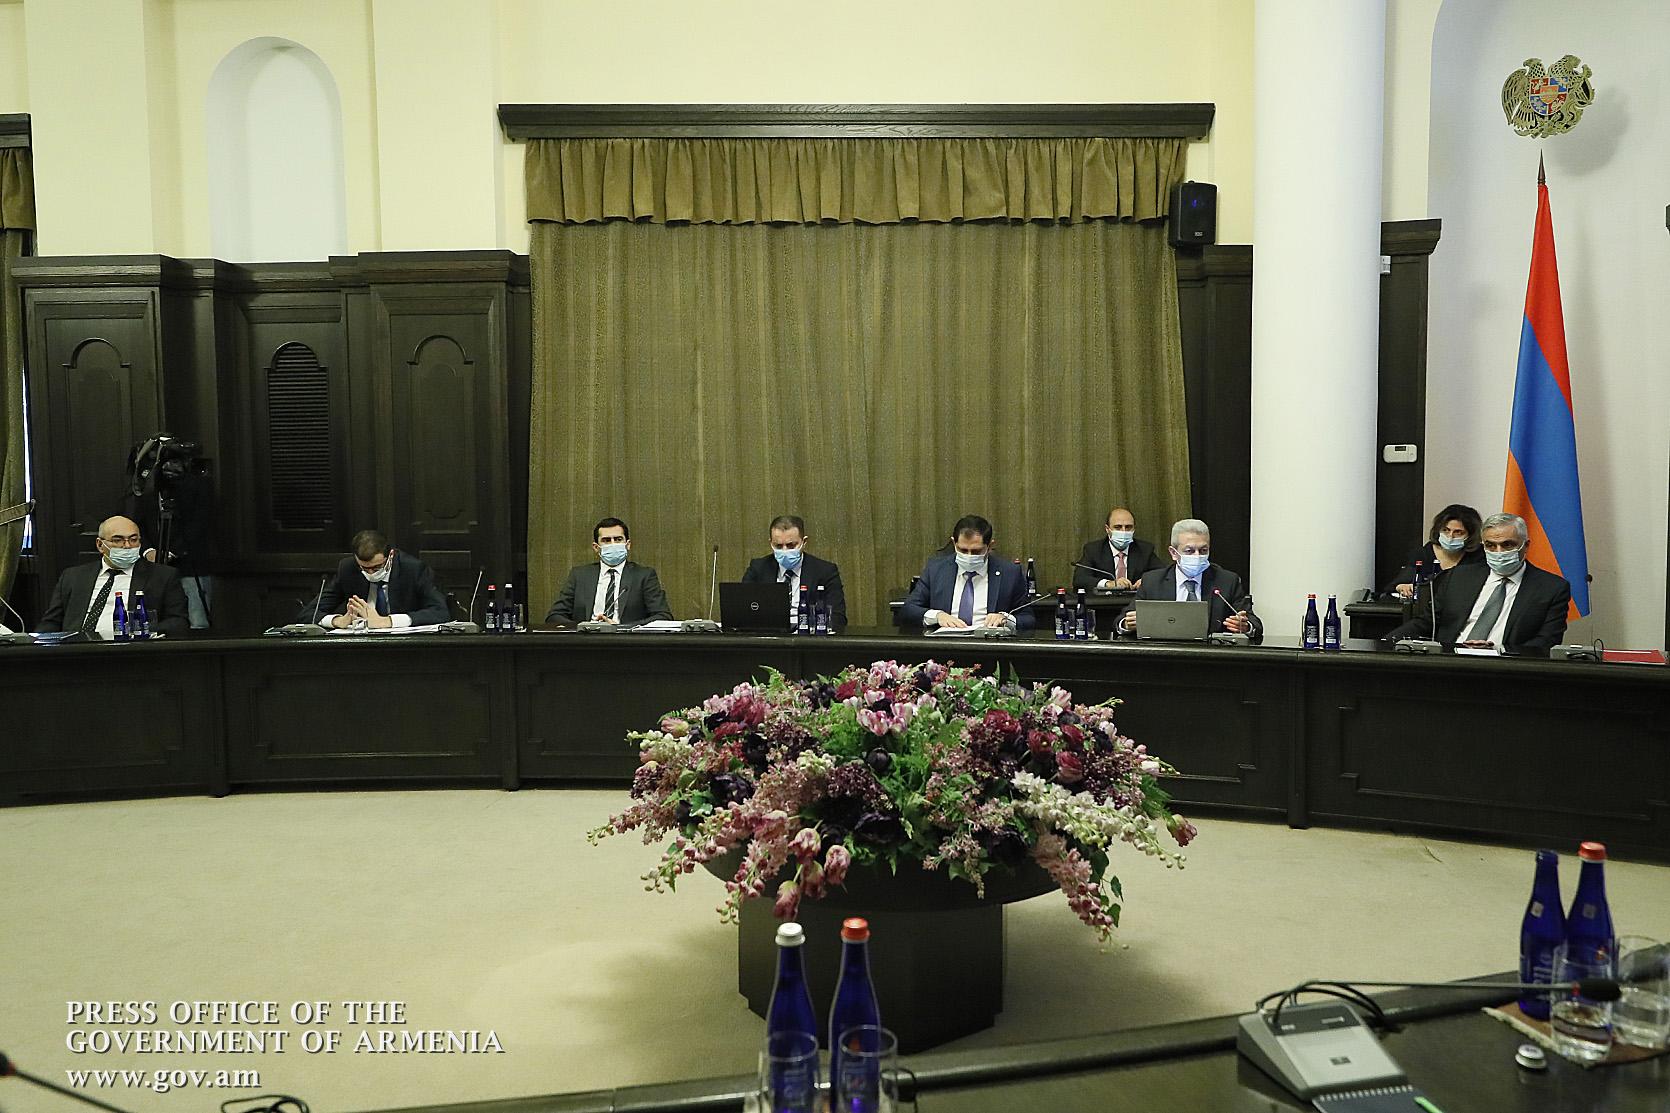 Տեղի է ունեցել ՀՀ կառավարության հերթական նիստը․Գործադիրը հաստատել է Տնտեսական արձագանքման ծրագիրը և գործողությունների պլանը